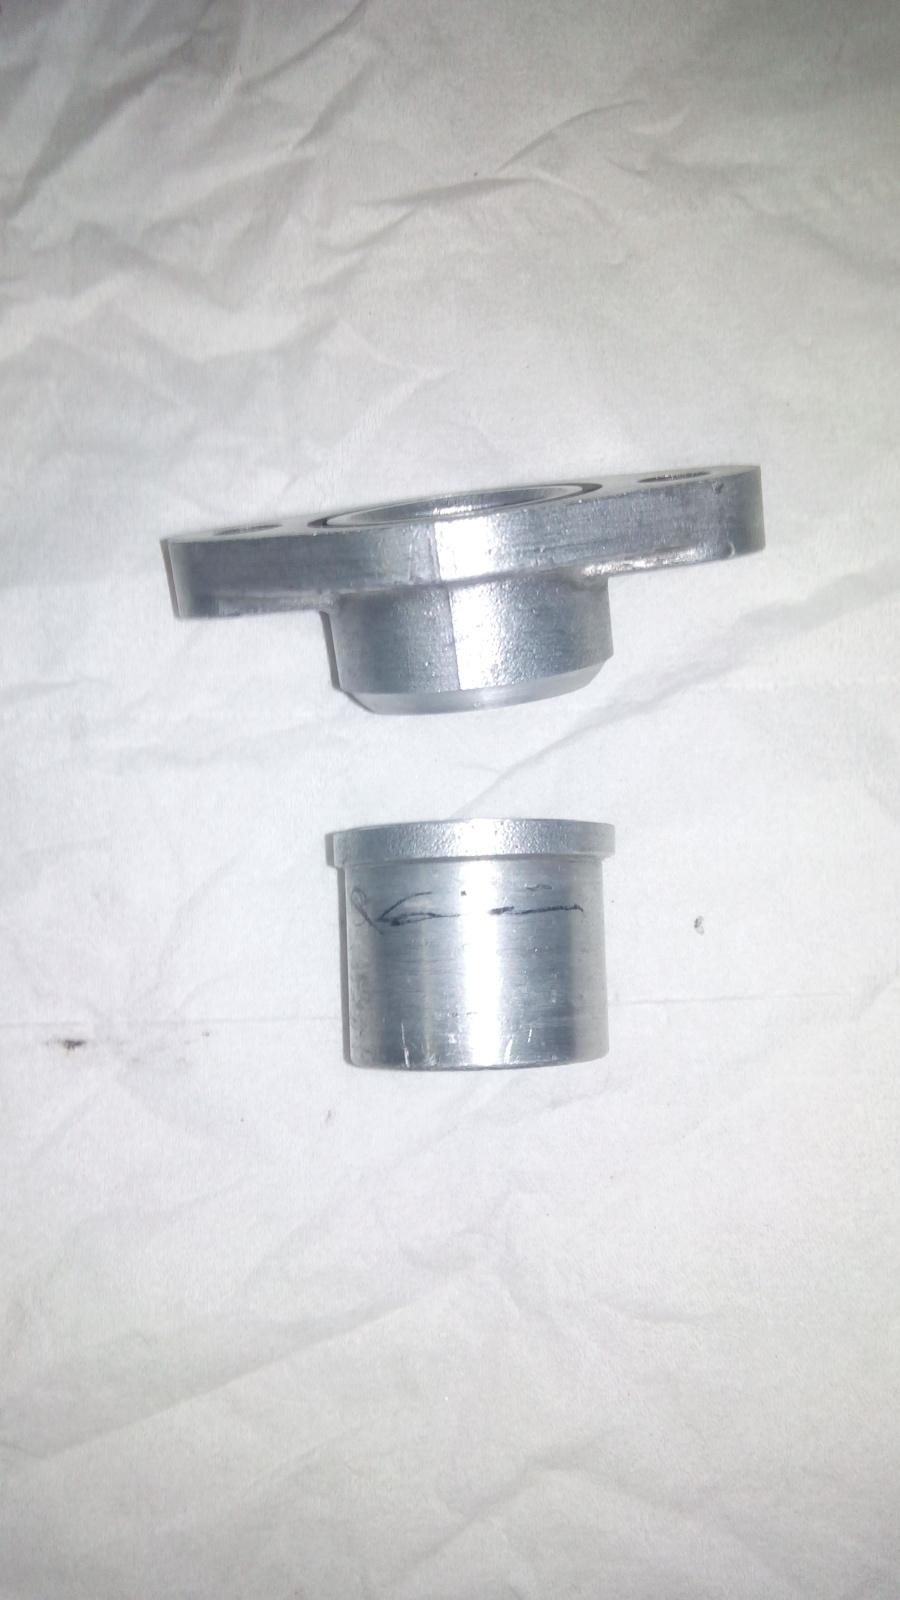 encendido - Mejoras en motores P3 P4 RV4 DL P6 K6... - Página 7 2ujni4h